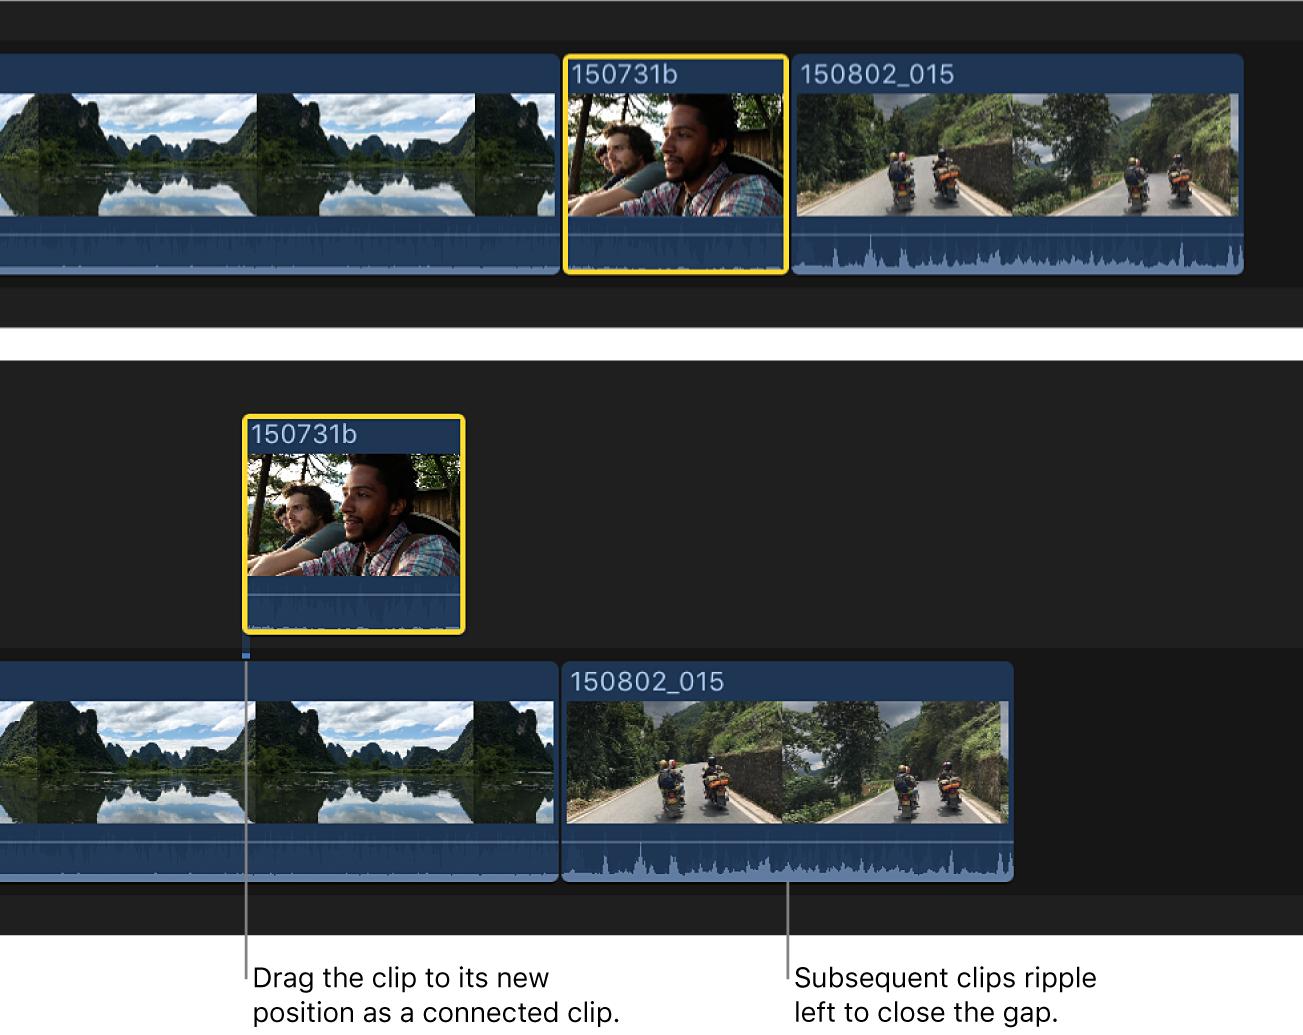 Ein Clip in der Timeline wird aus der primären Handlung an eine neue Position als verbundener Clip bewegt, wodurch die nachfolgenden Clips nach links verschoben werden, um die Lücke zu schließen